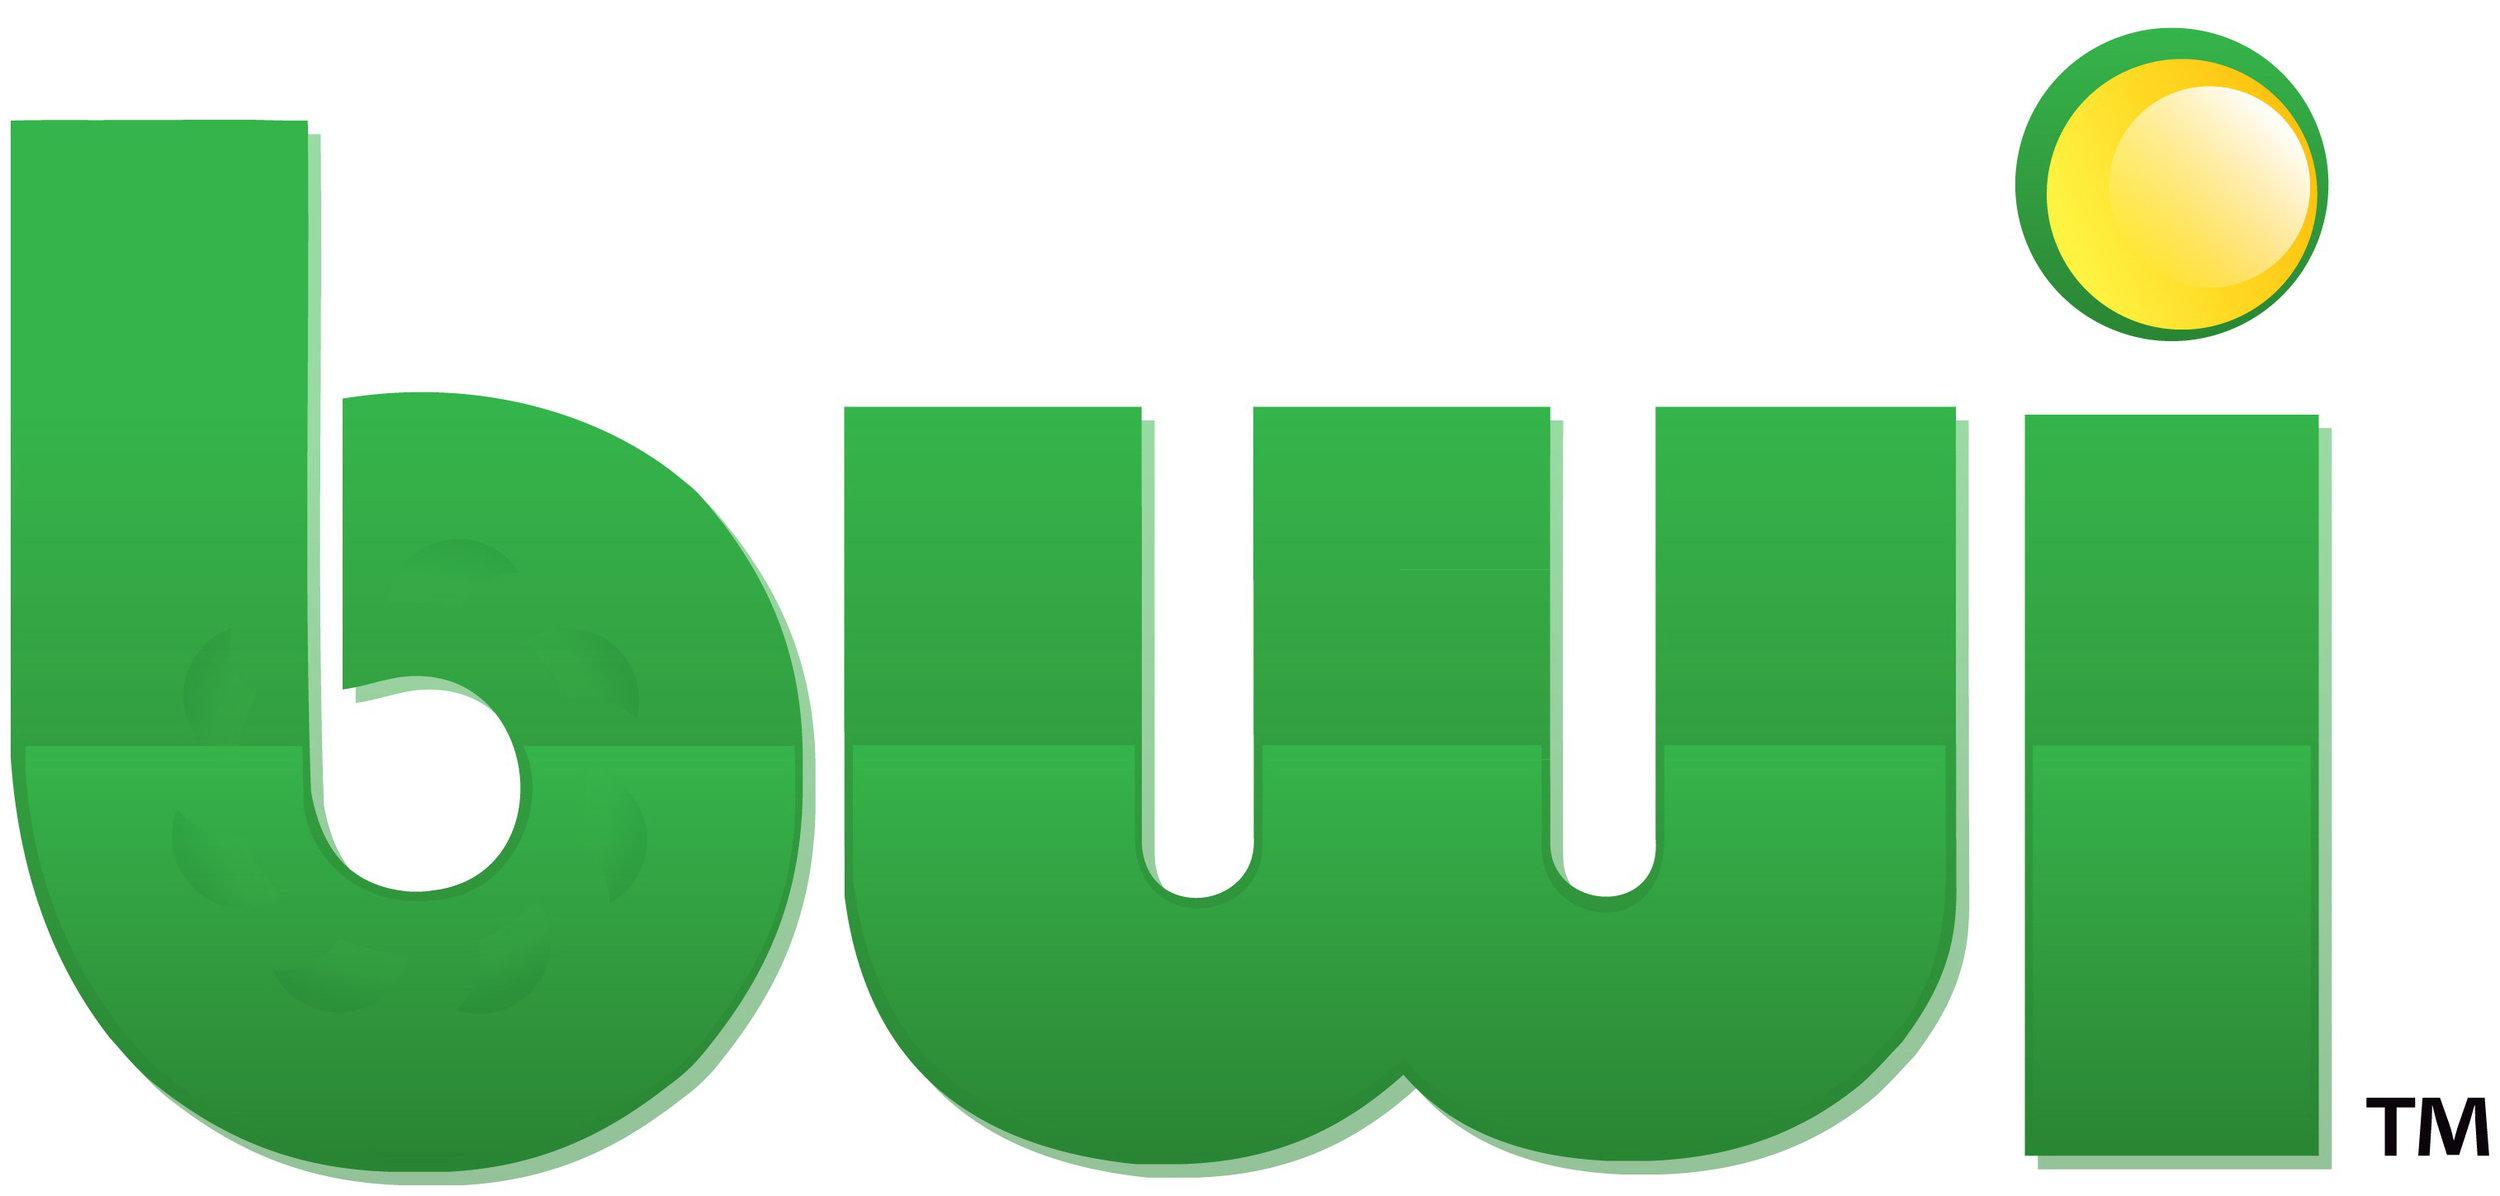 BWI_Logo_Hi_Res.jpg